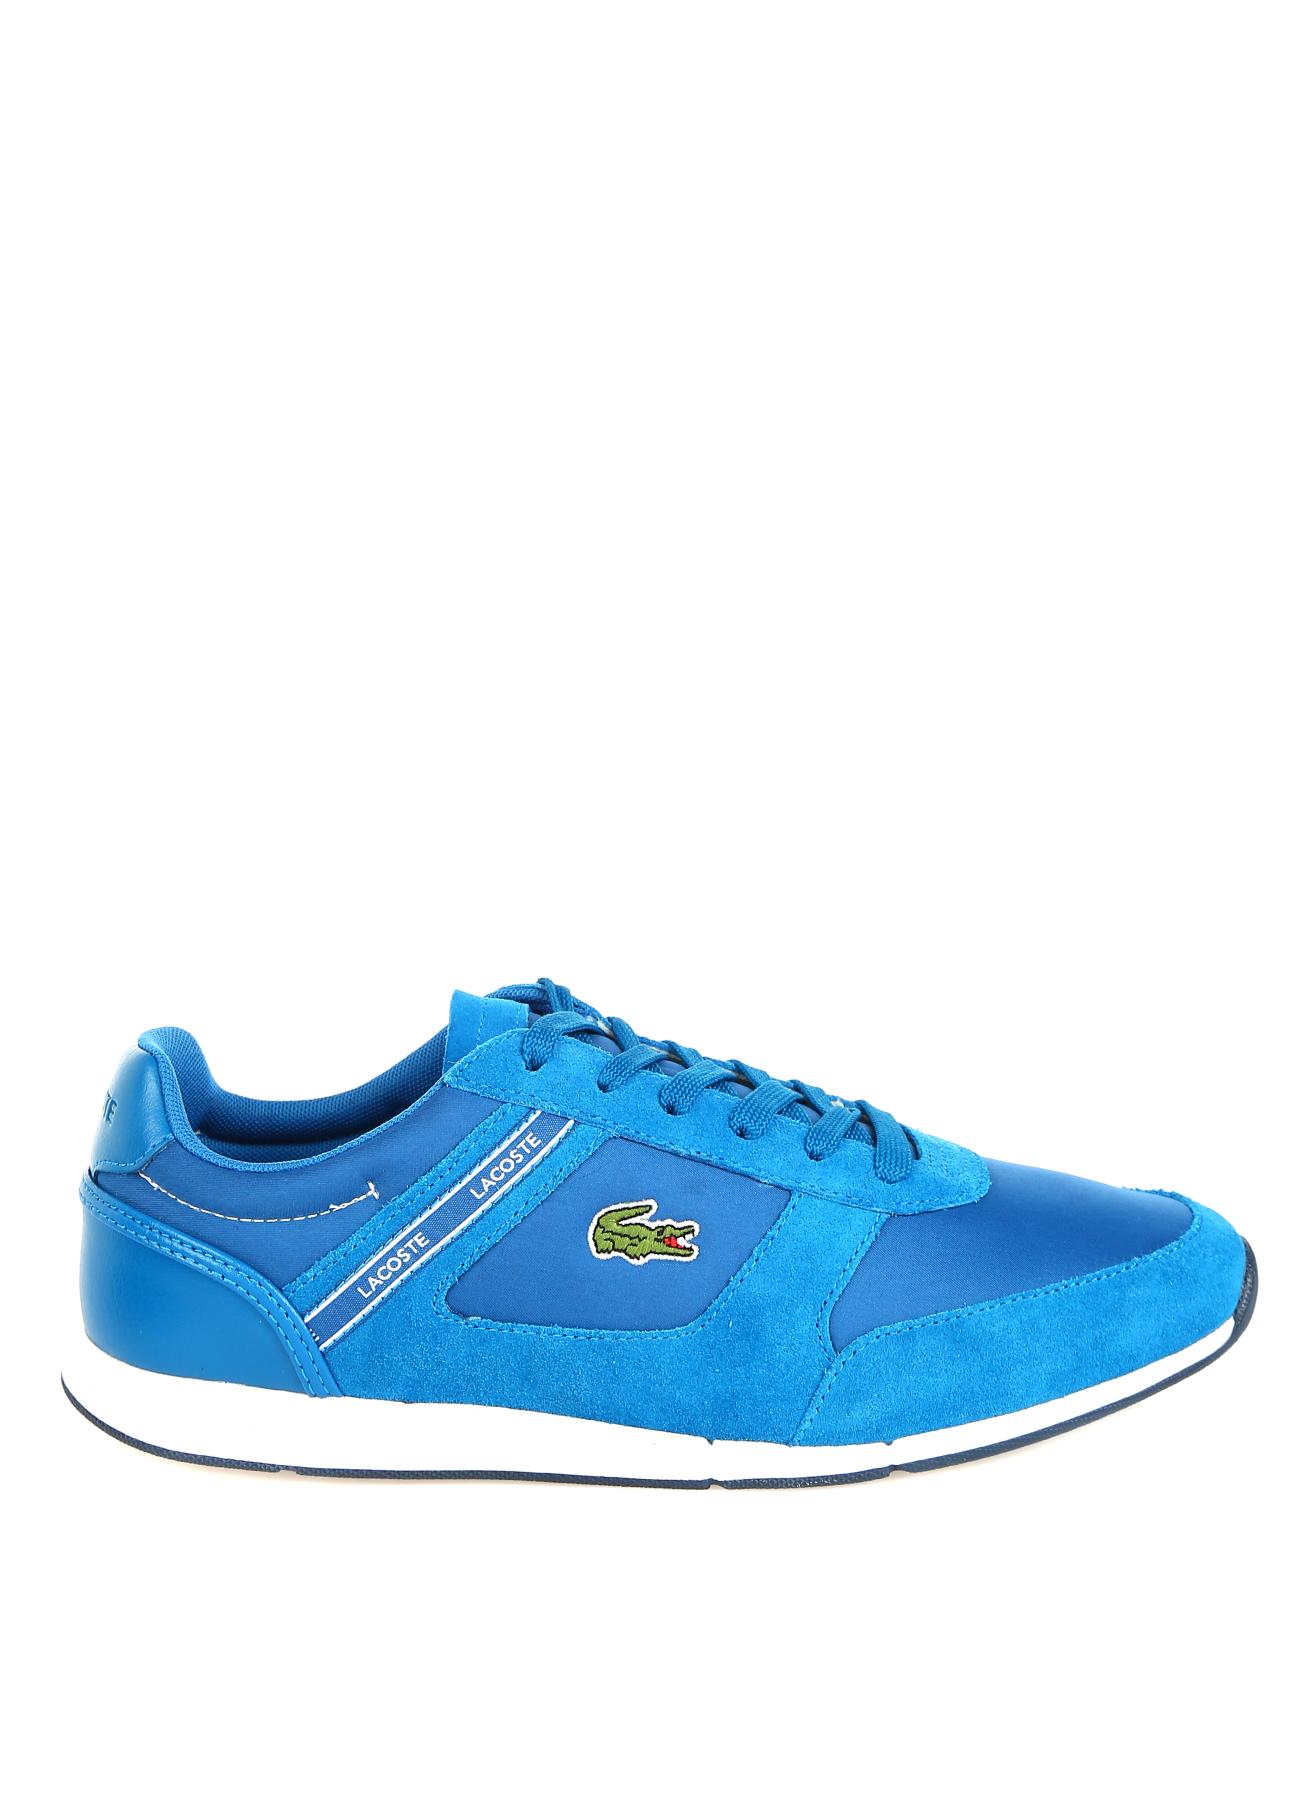 Lacoste Lifestyle Ayakkabı 43 5002314240005 Ürün Resmi